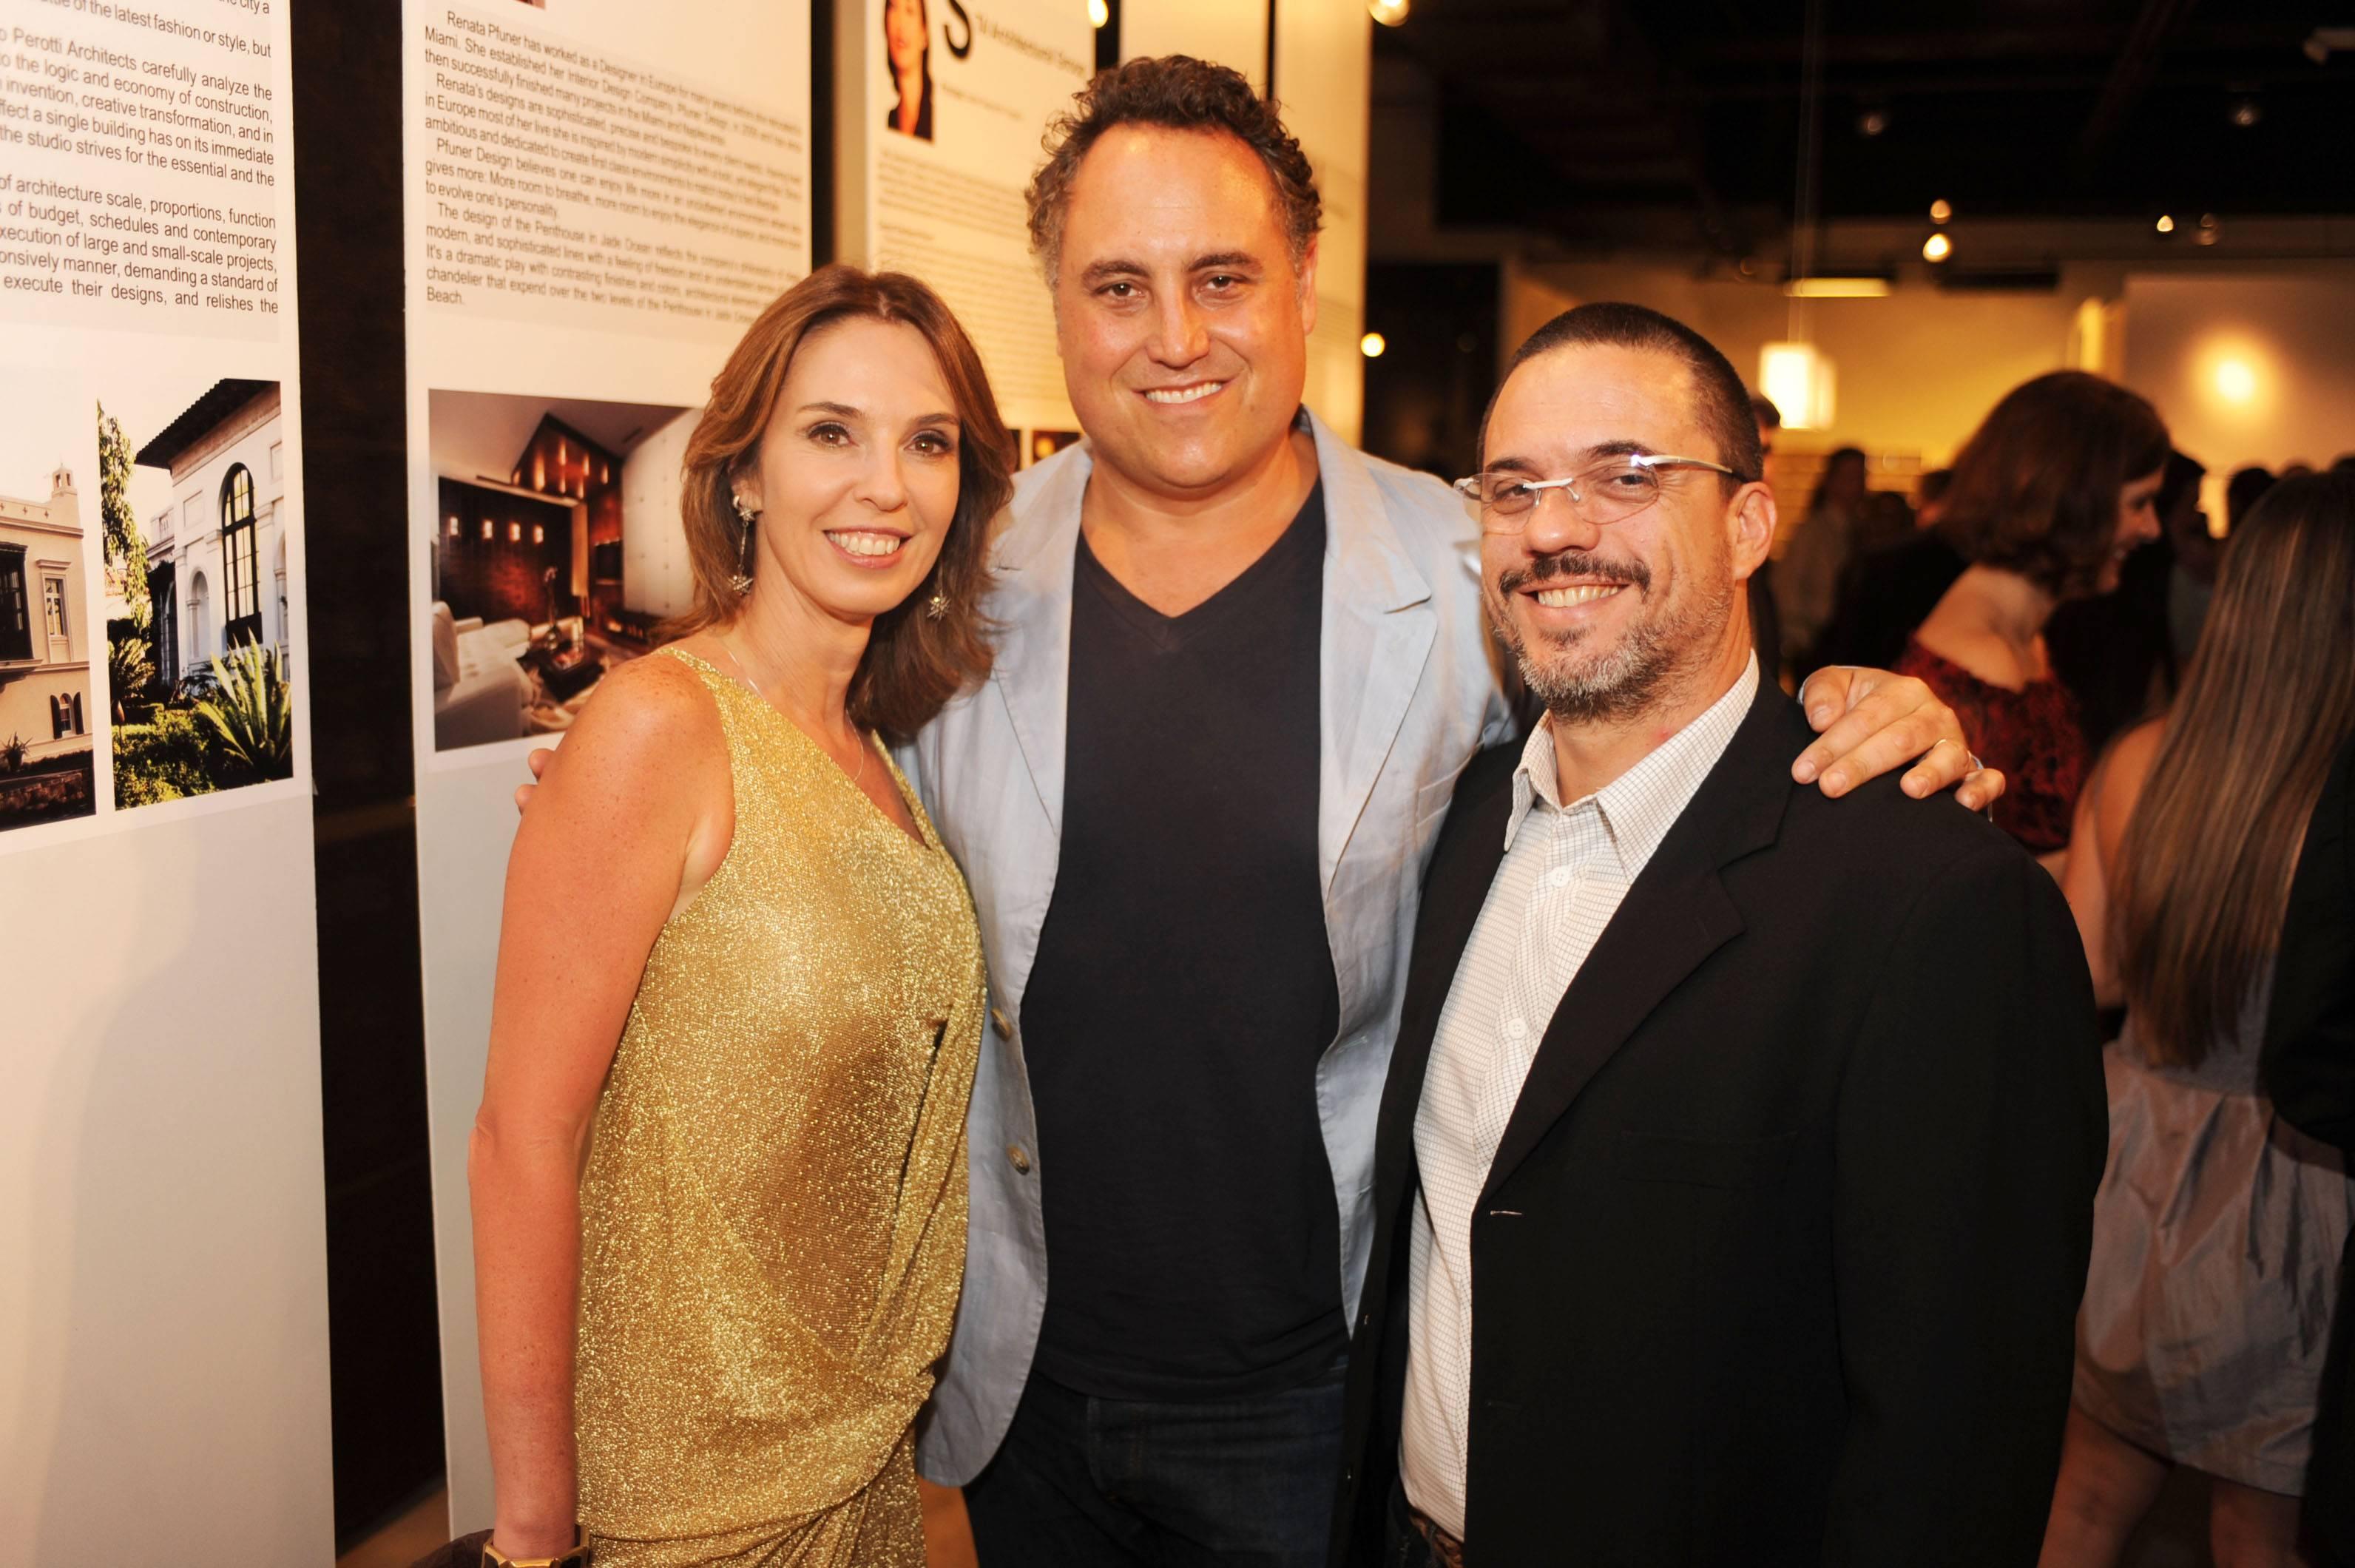 Esther Schattan, Chad Oppenheim, & Roberto Cocenza